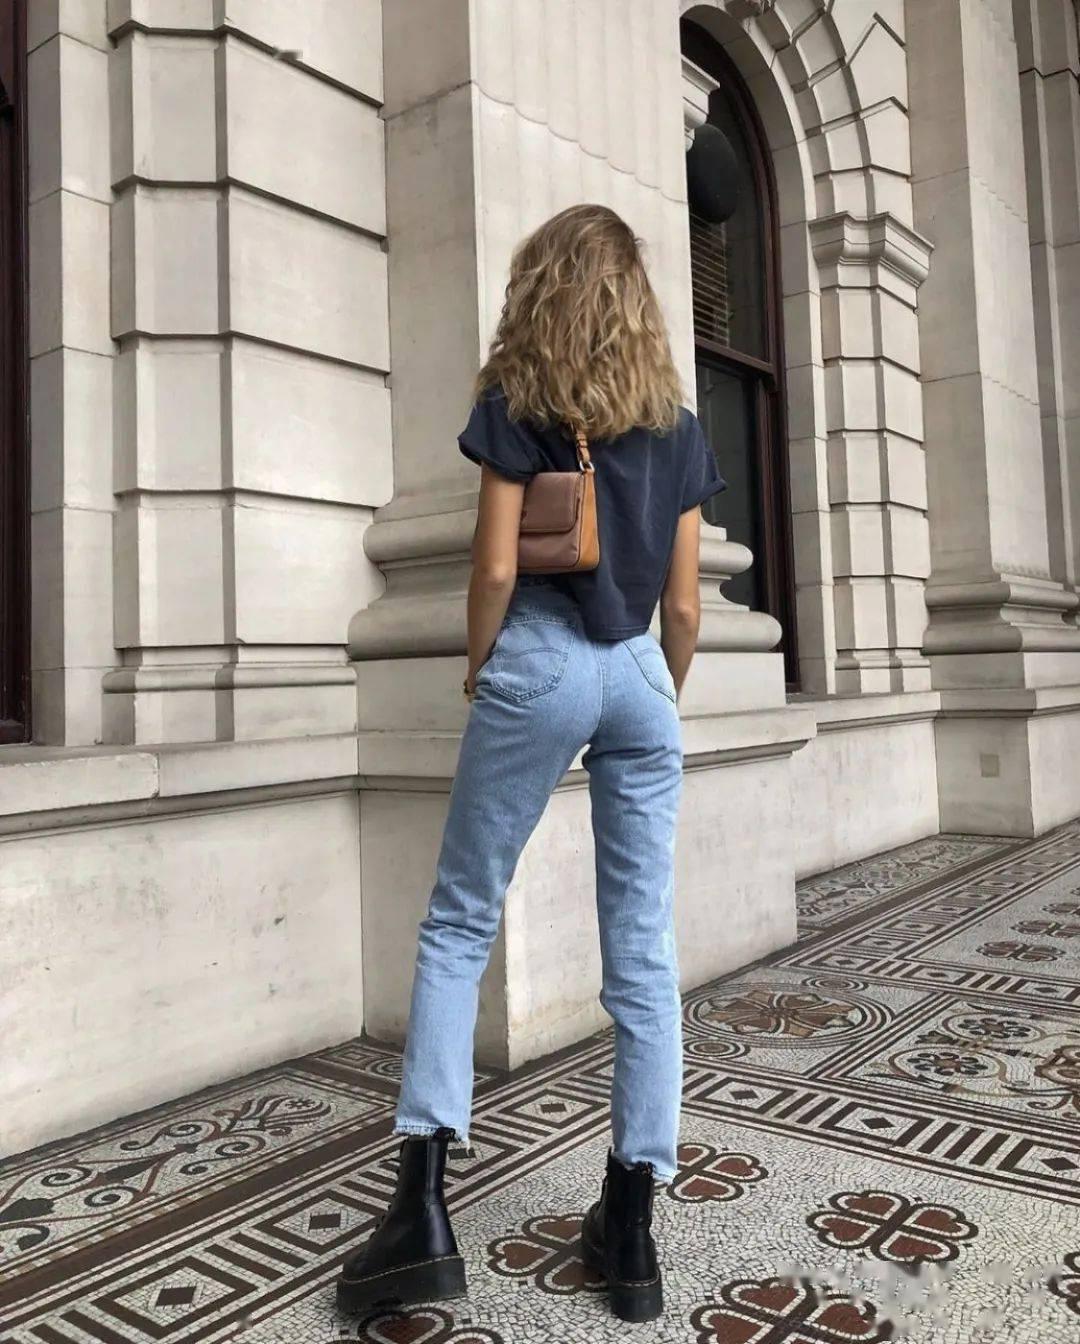 马丁靴+裙子,马丁靴+工装裤……又酷又撩,时髦炸了!     第39张